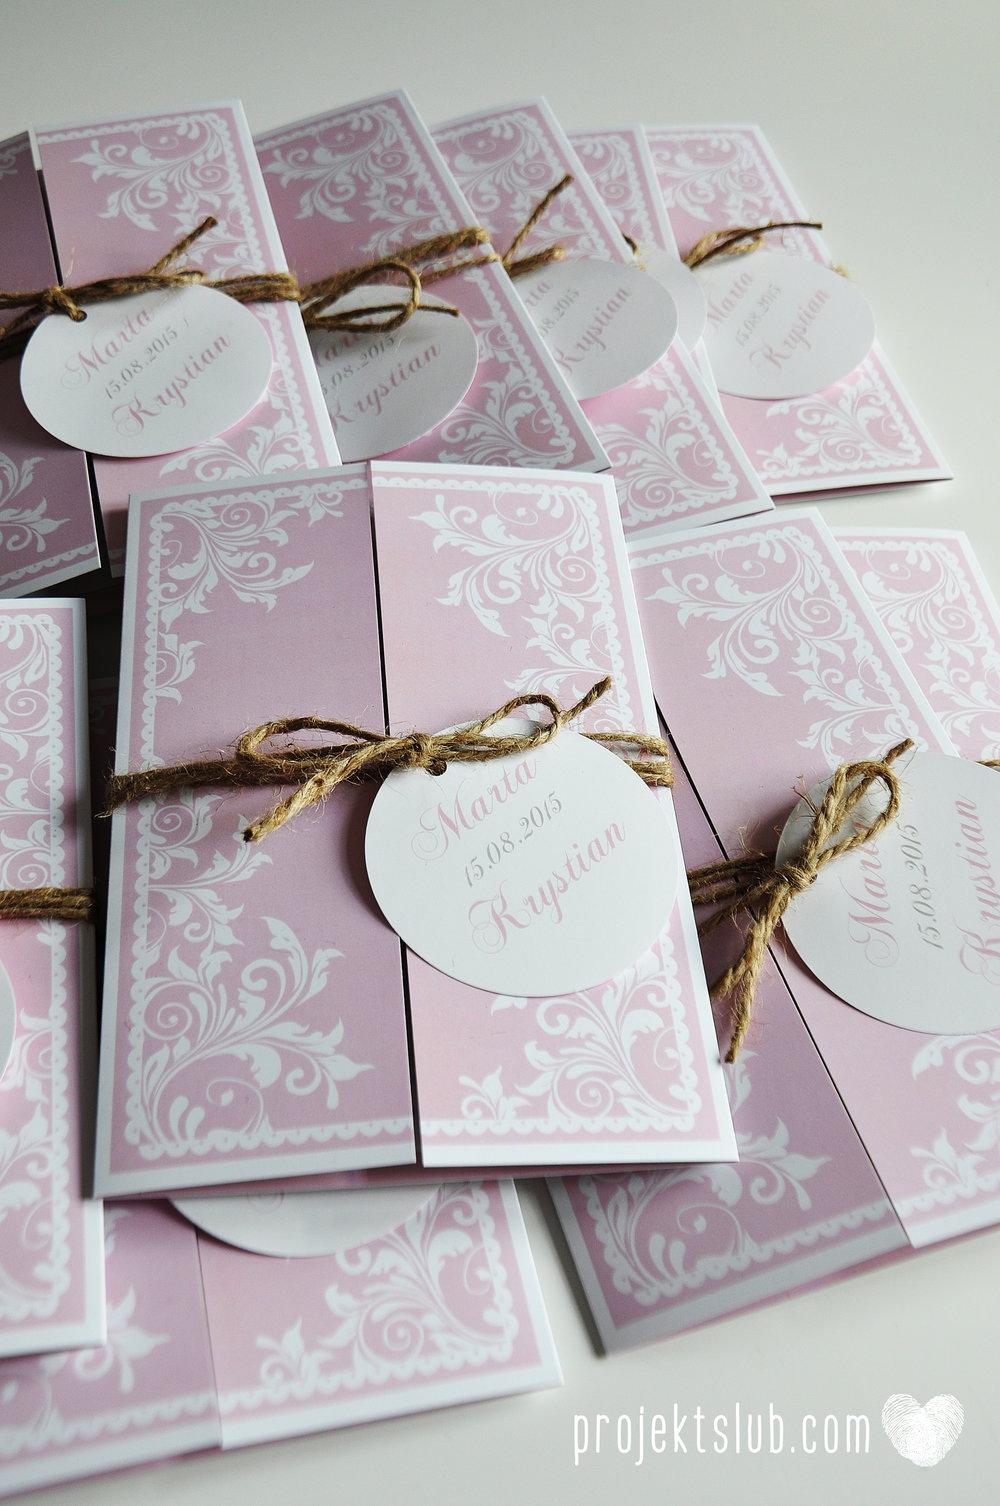 Zaproszenie ślubne oryginalne eleganckie duży format ołtarzykowe floral love rustykalne pastelove Projekt Ślub (12).JPG